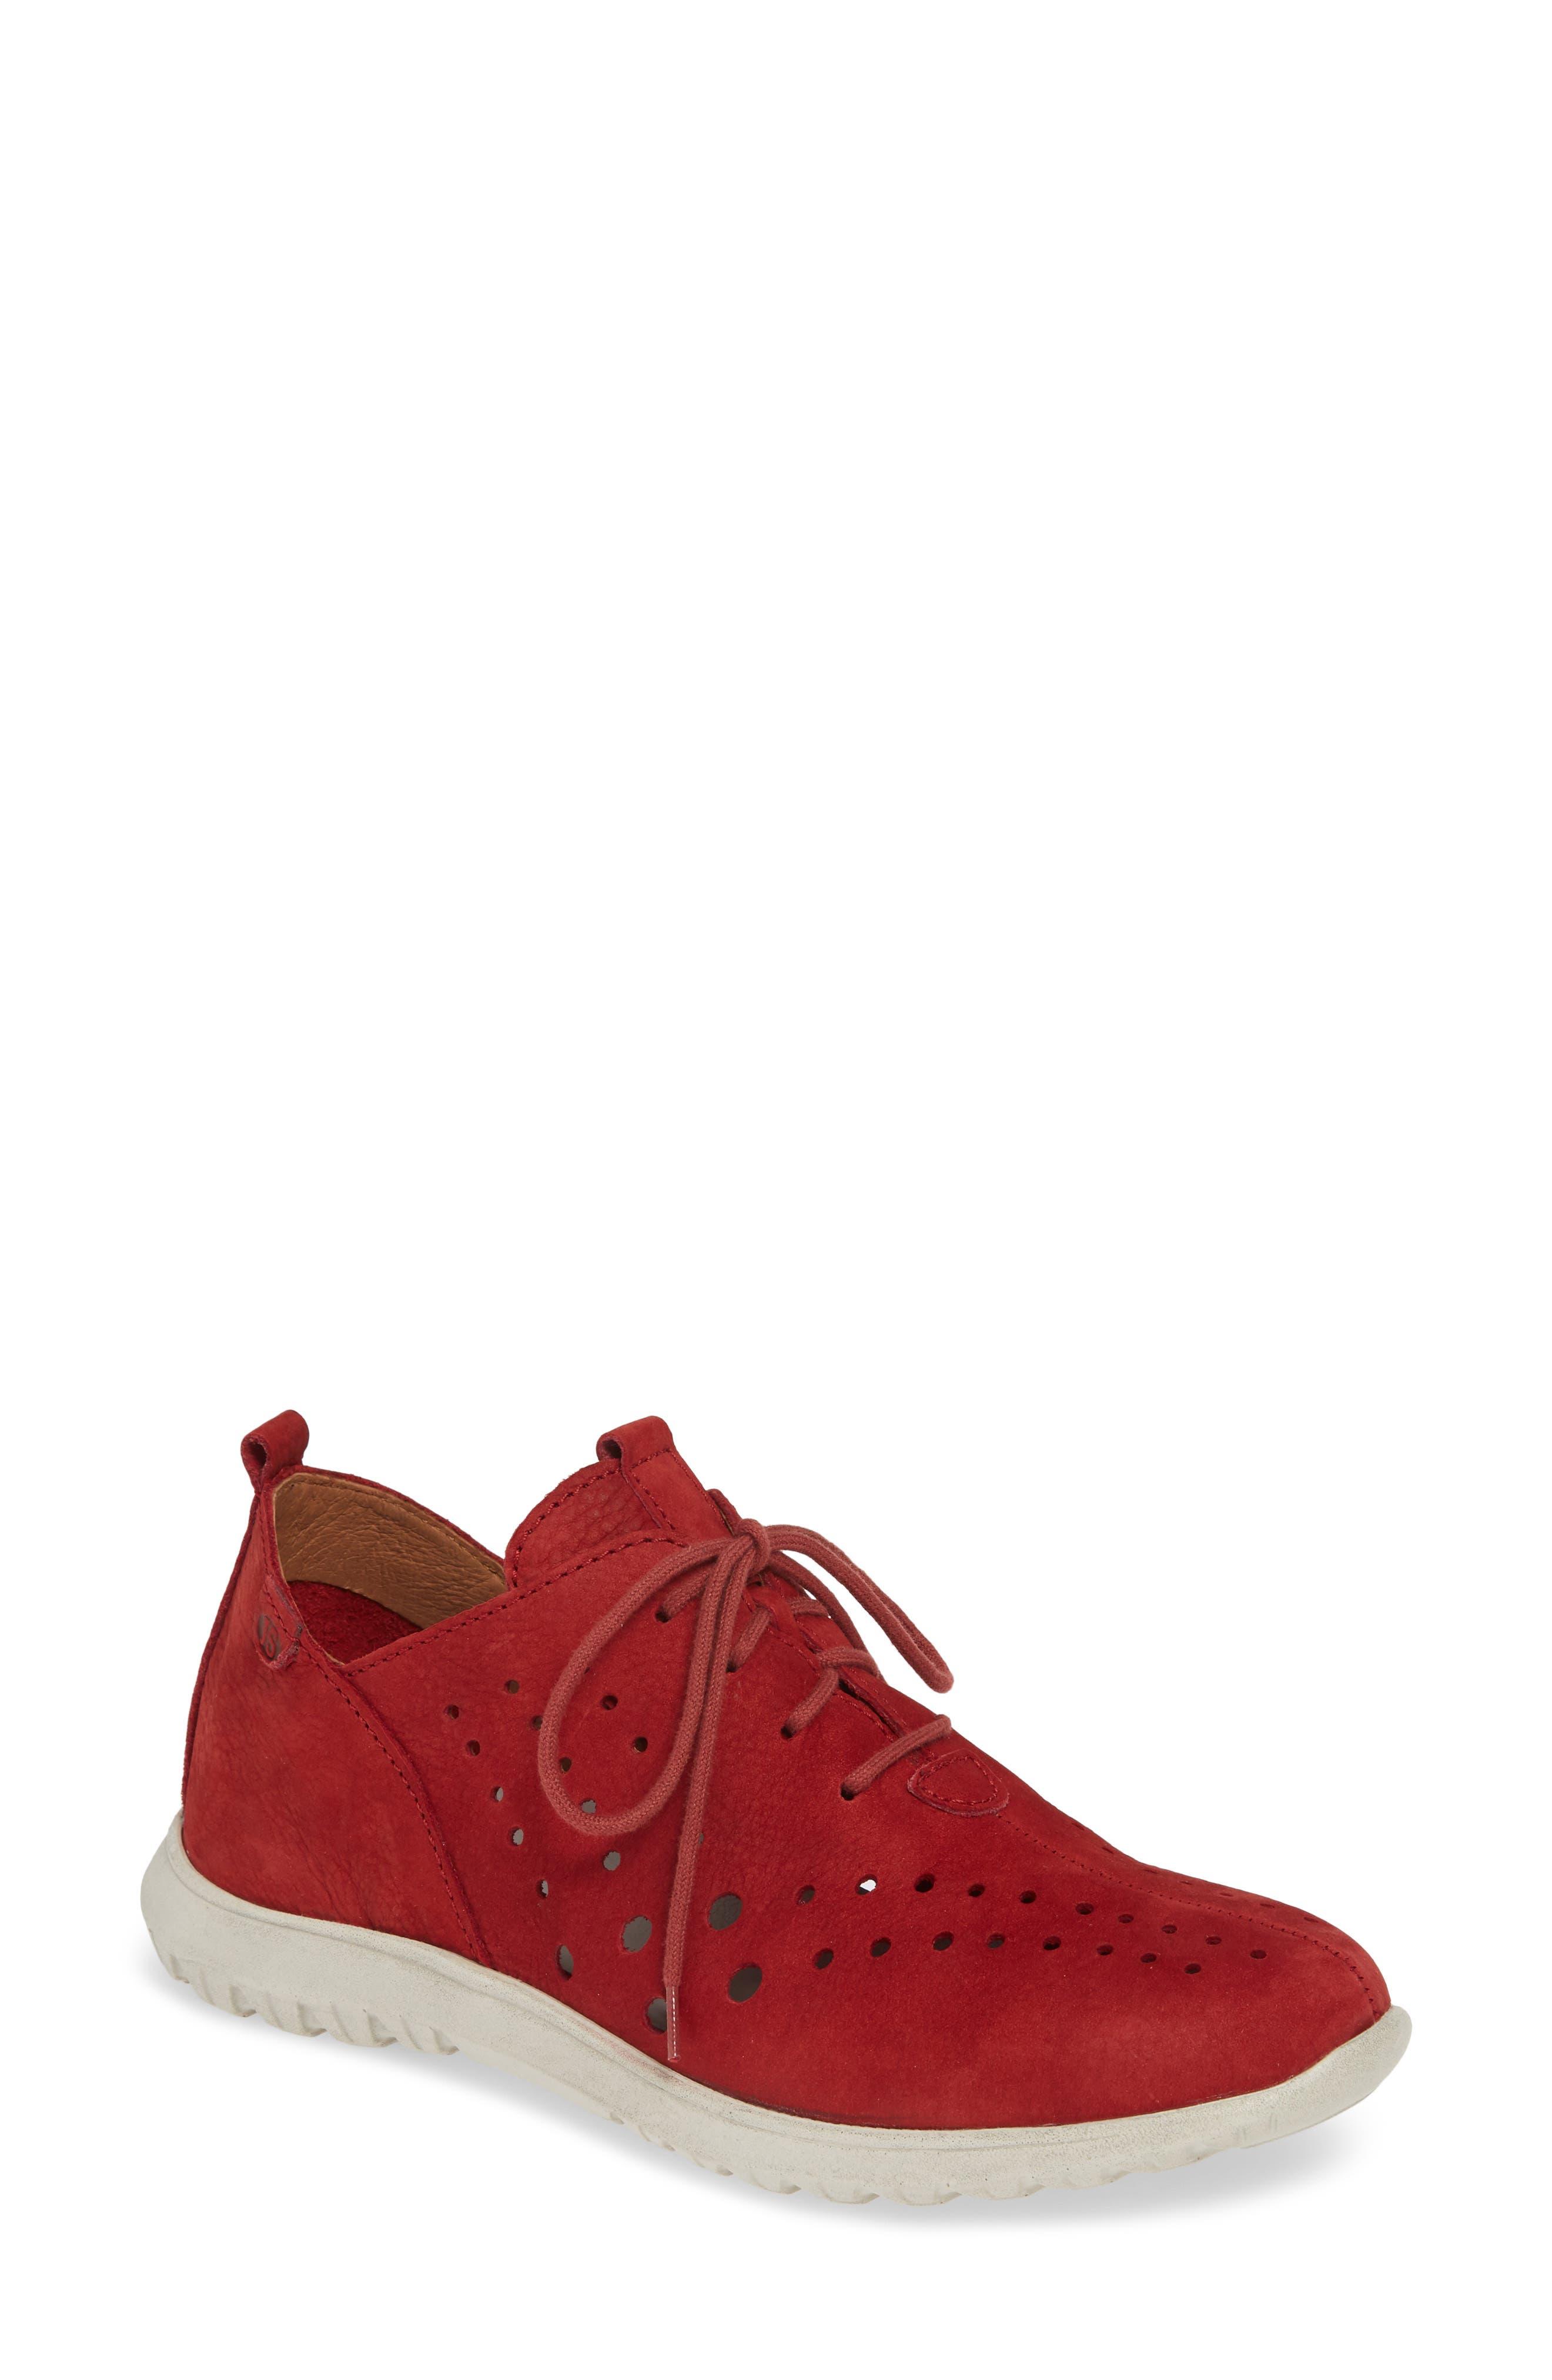 Josef Seibel Malena 09 Sneaker, Red